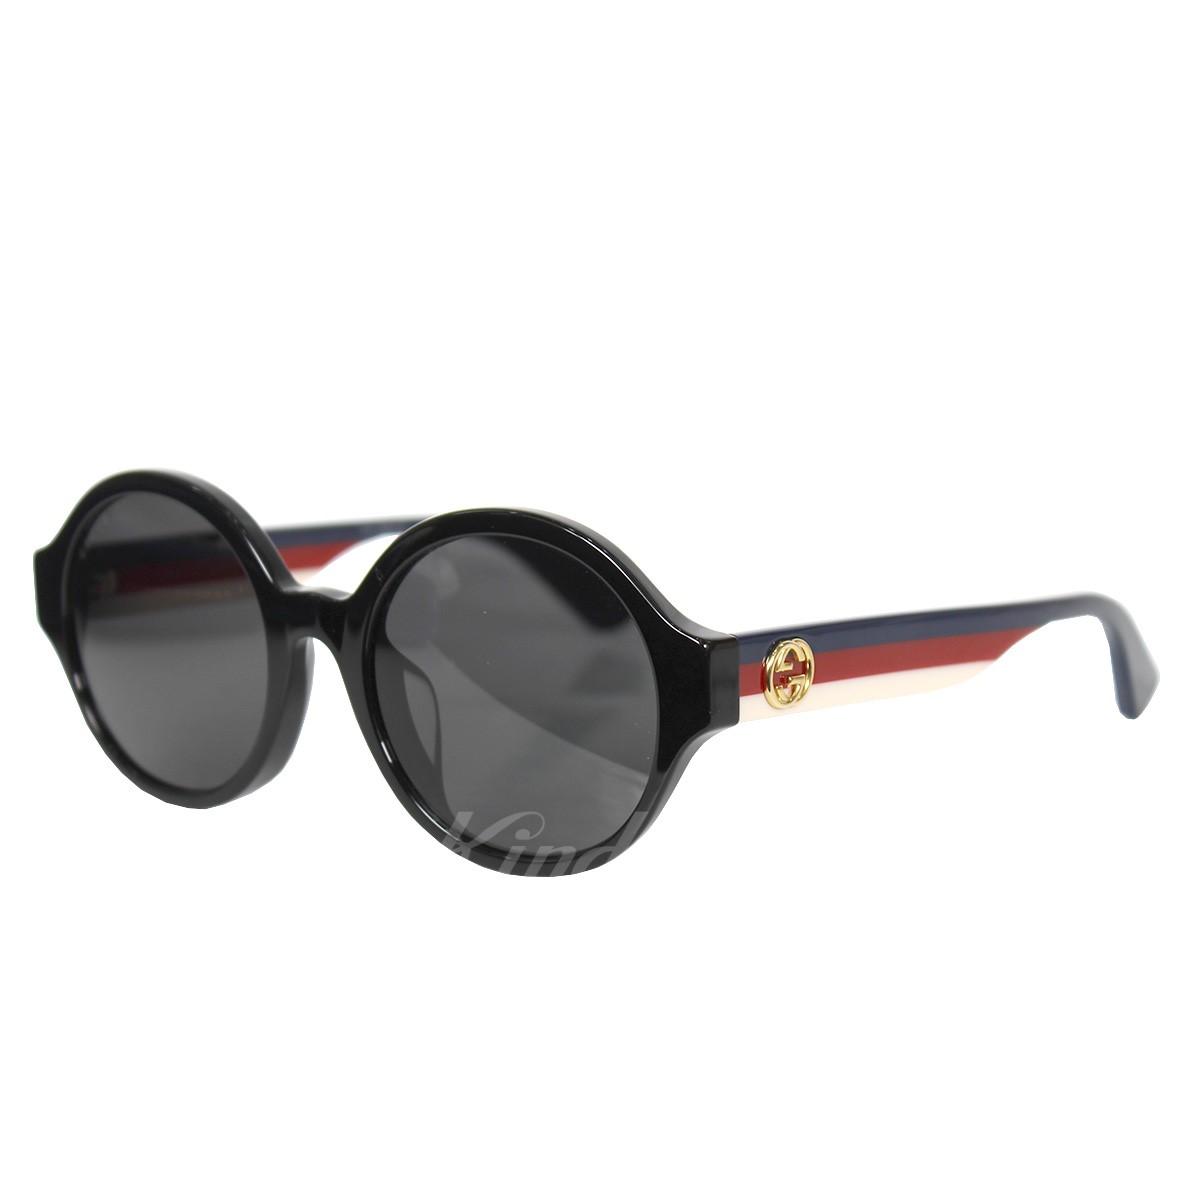 【中古】GUCCI 18SS トリコロールデザインサングラス 【送料無料】 【002157】 【KIND1550】